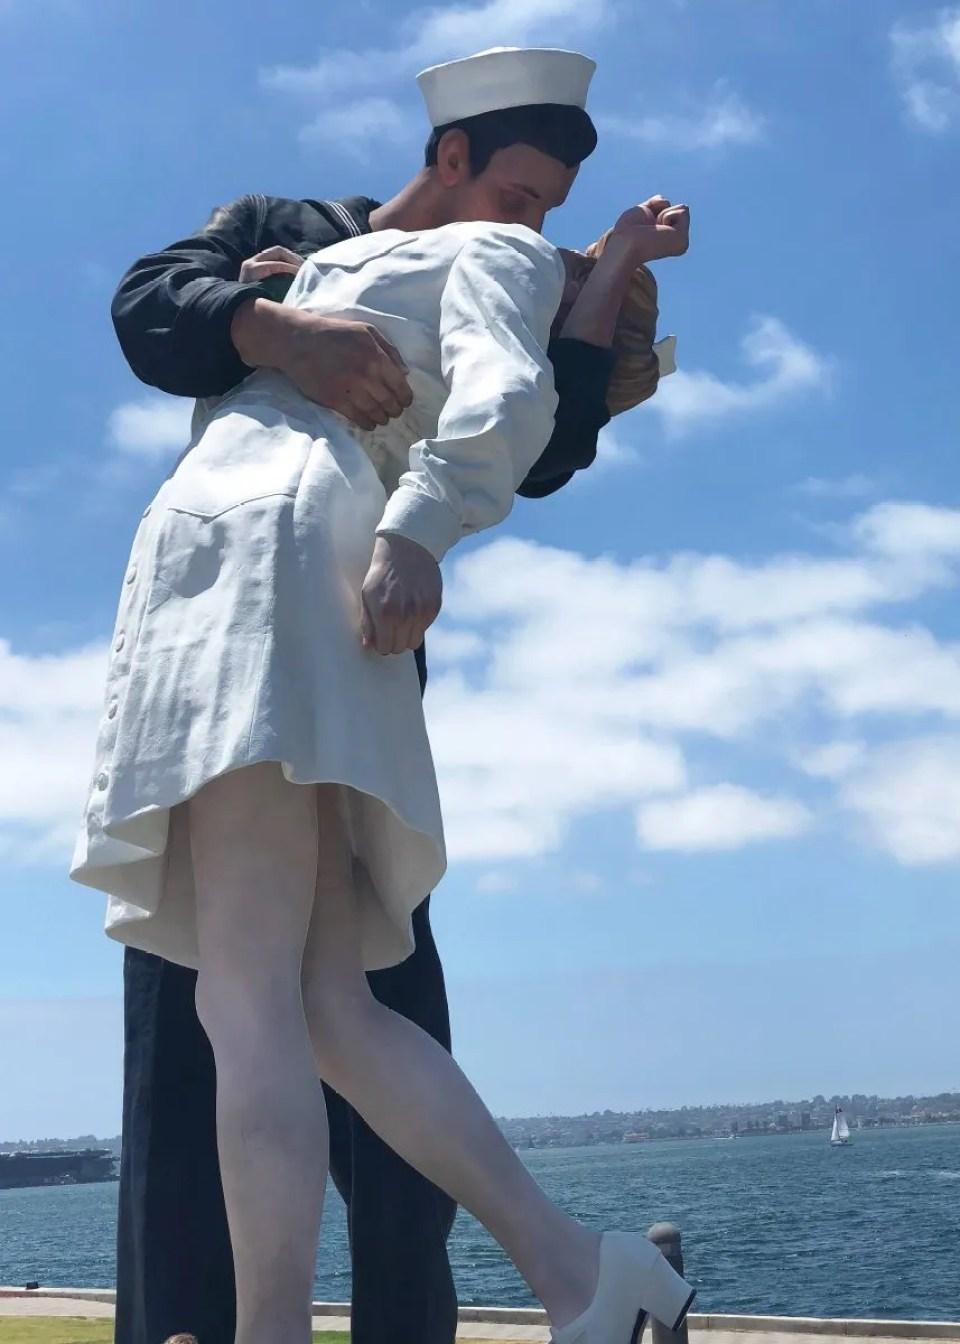 5 Days in San Diego - www.kateyblaire.com